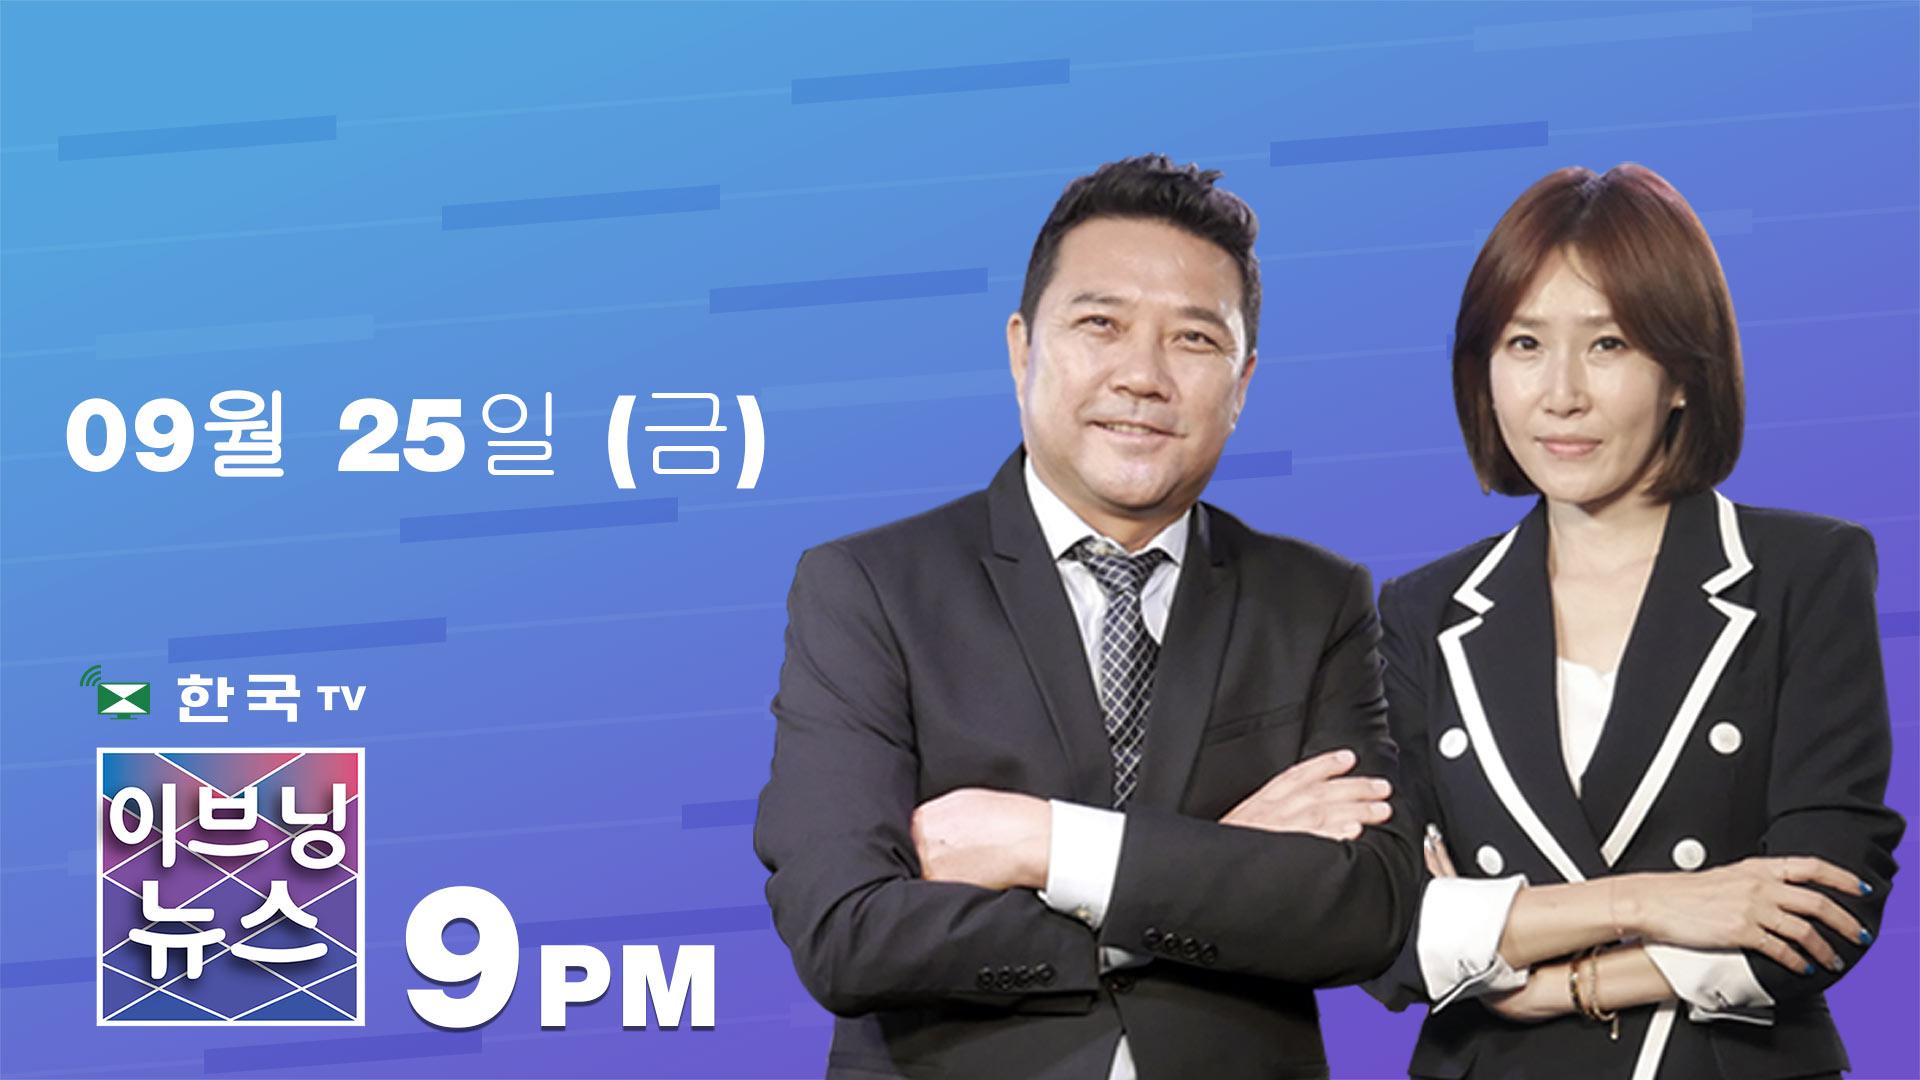 (09.25.2020) 한국TV 이브닝 뉴스